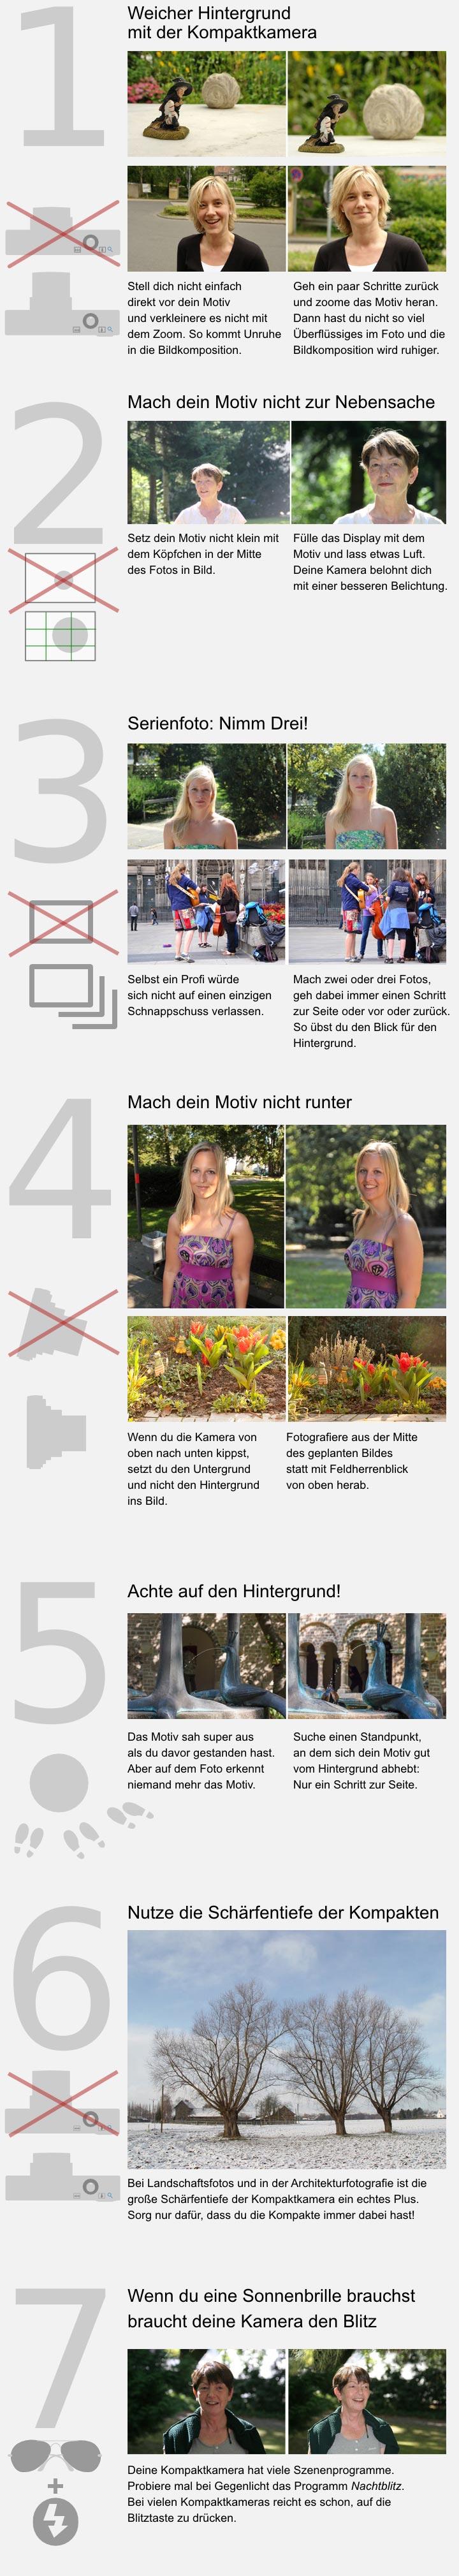 7 Tipps für die Kompaktkamera